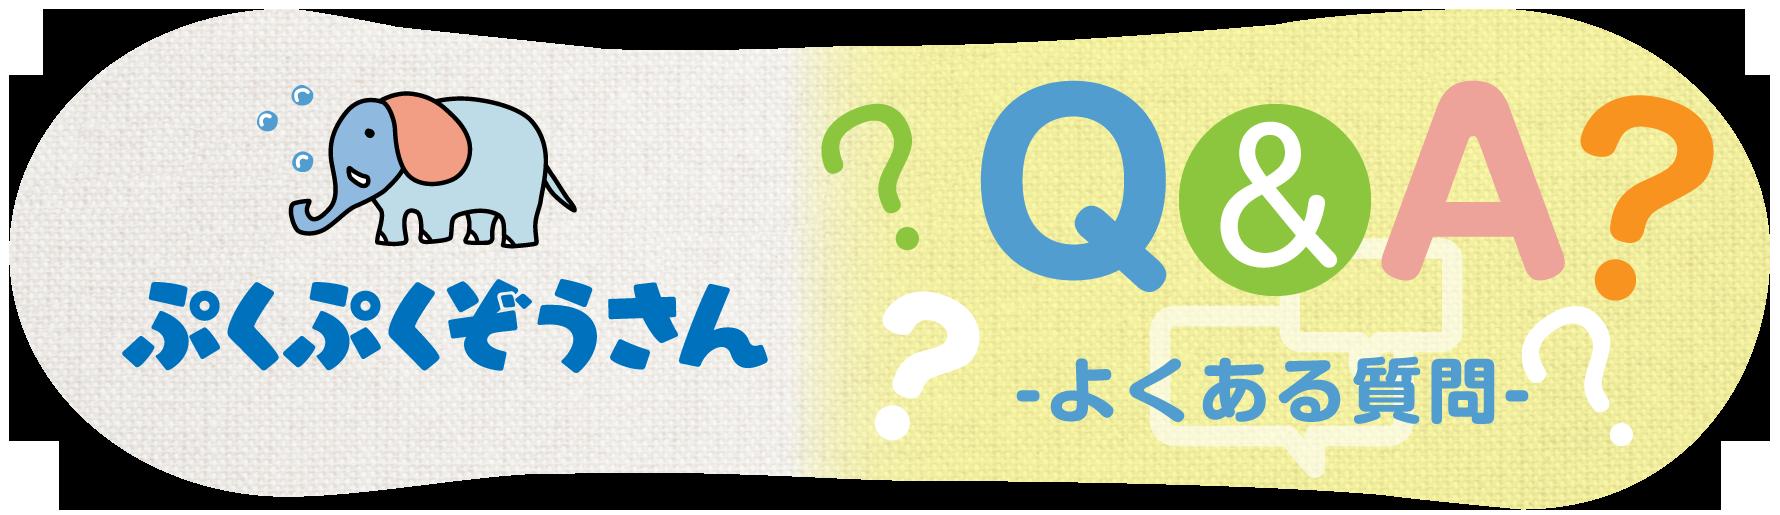 ぷくぷくぞうさんQ&A-よくある質問-